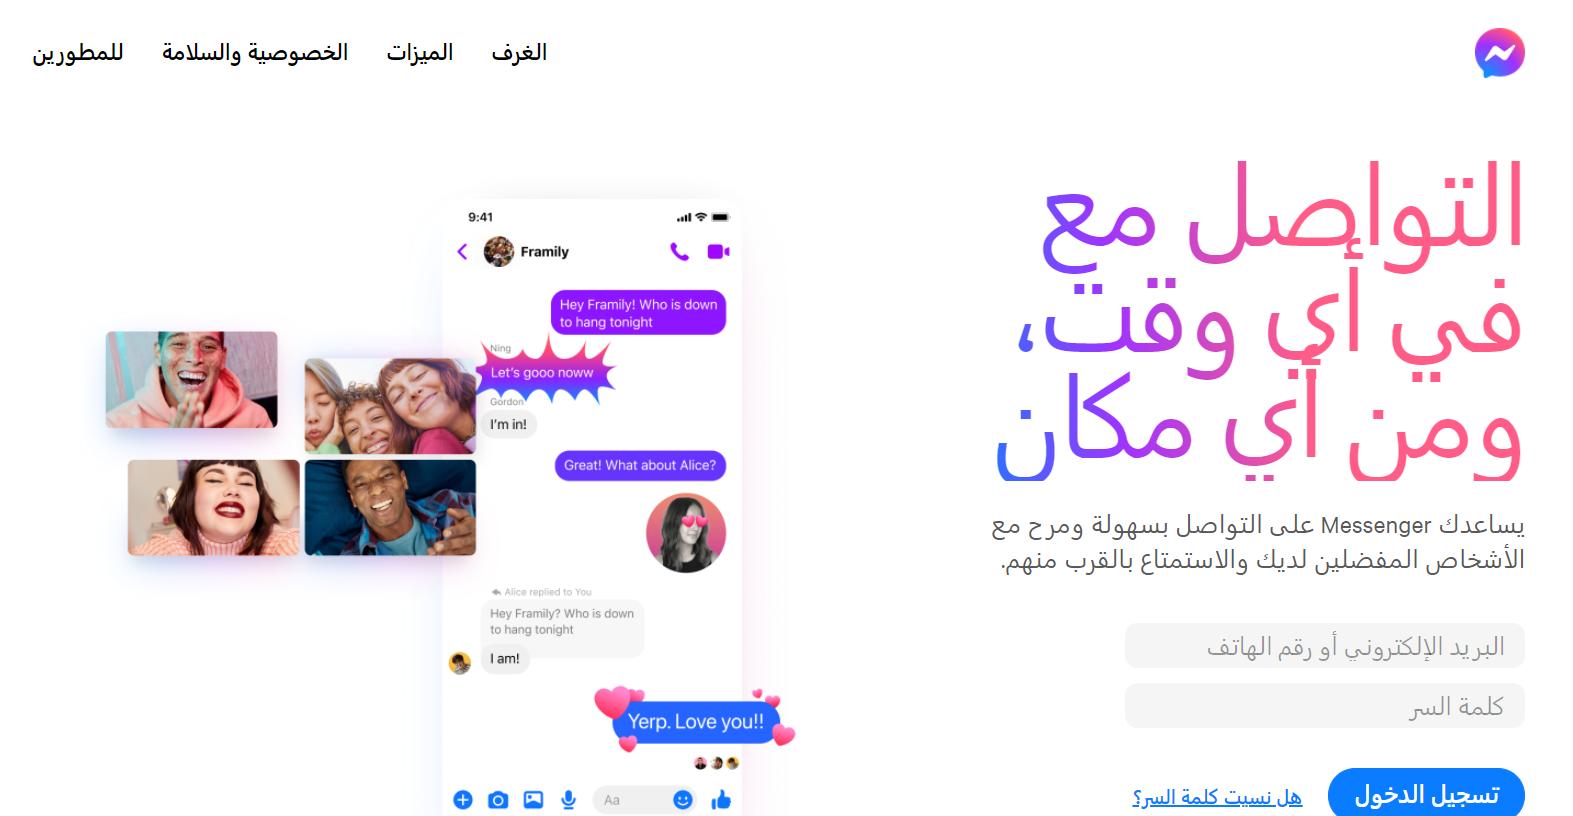 اكثر برامج التواصل الاجتماعي استخداما في السعودية